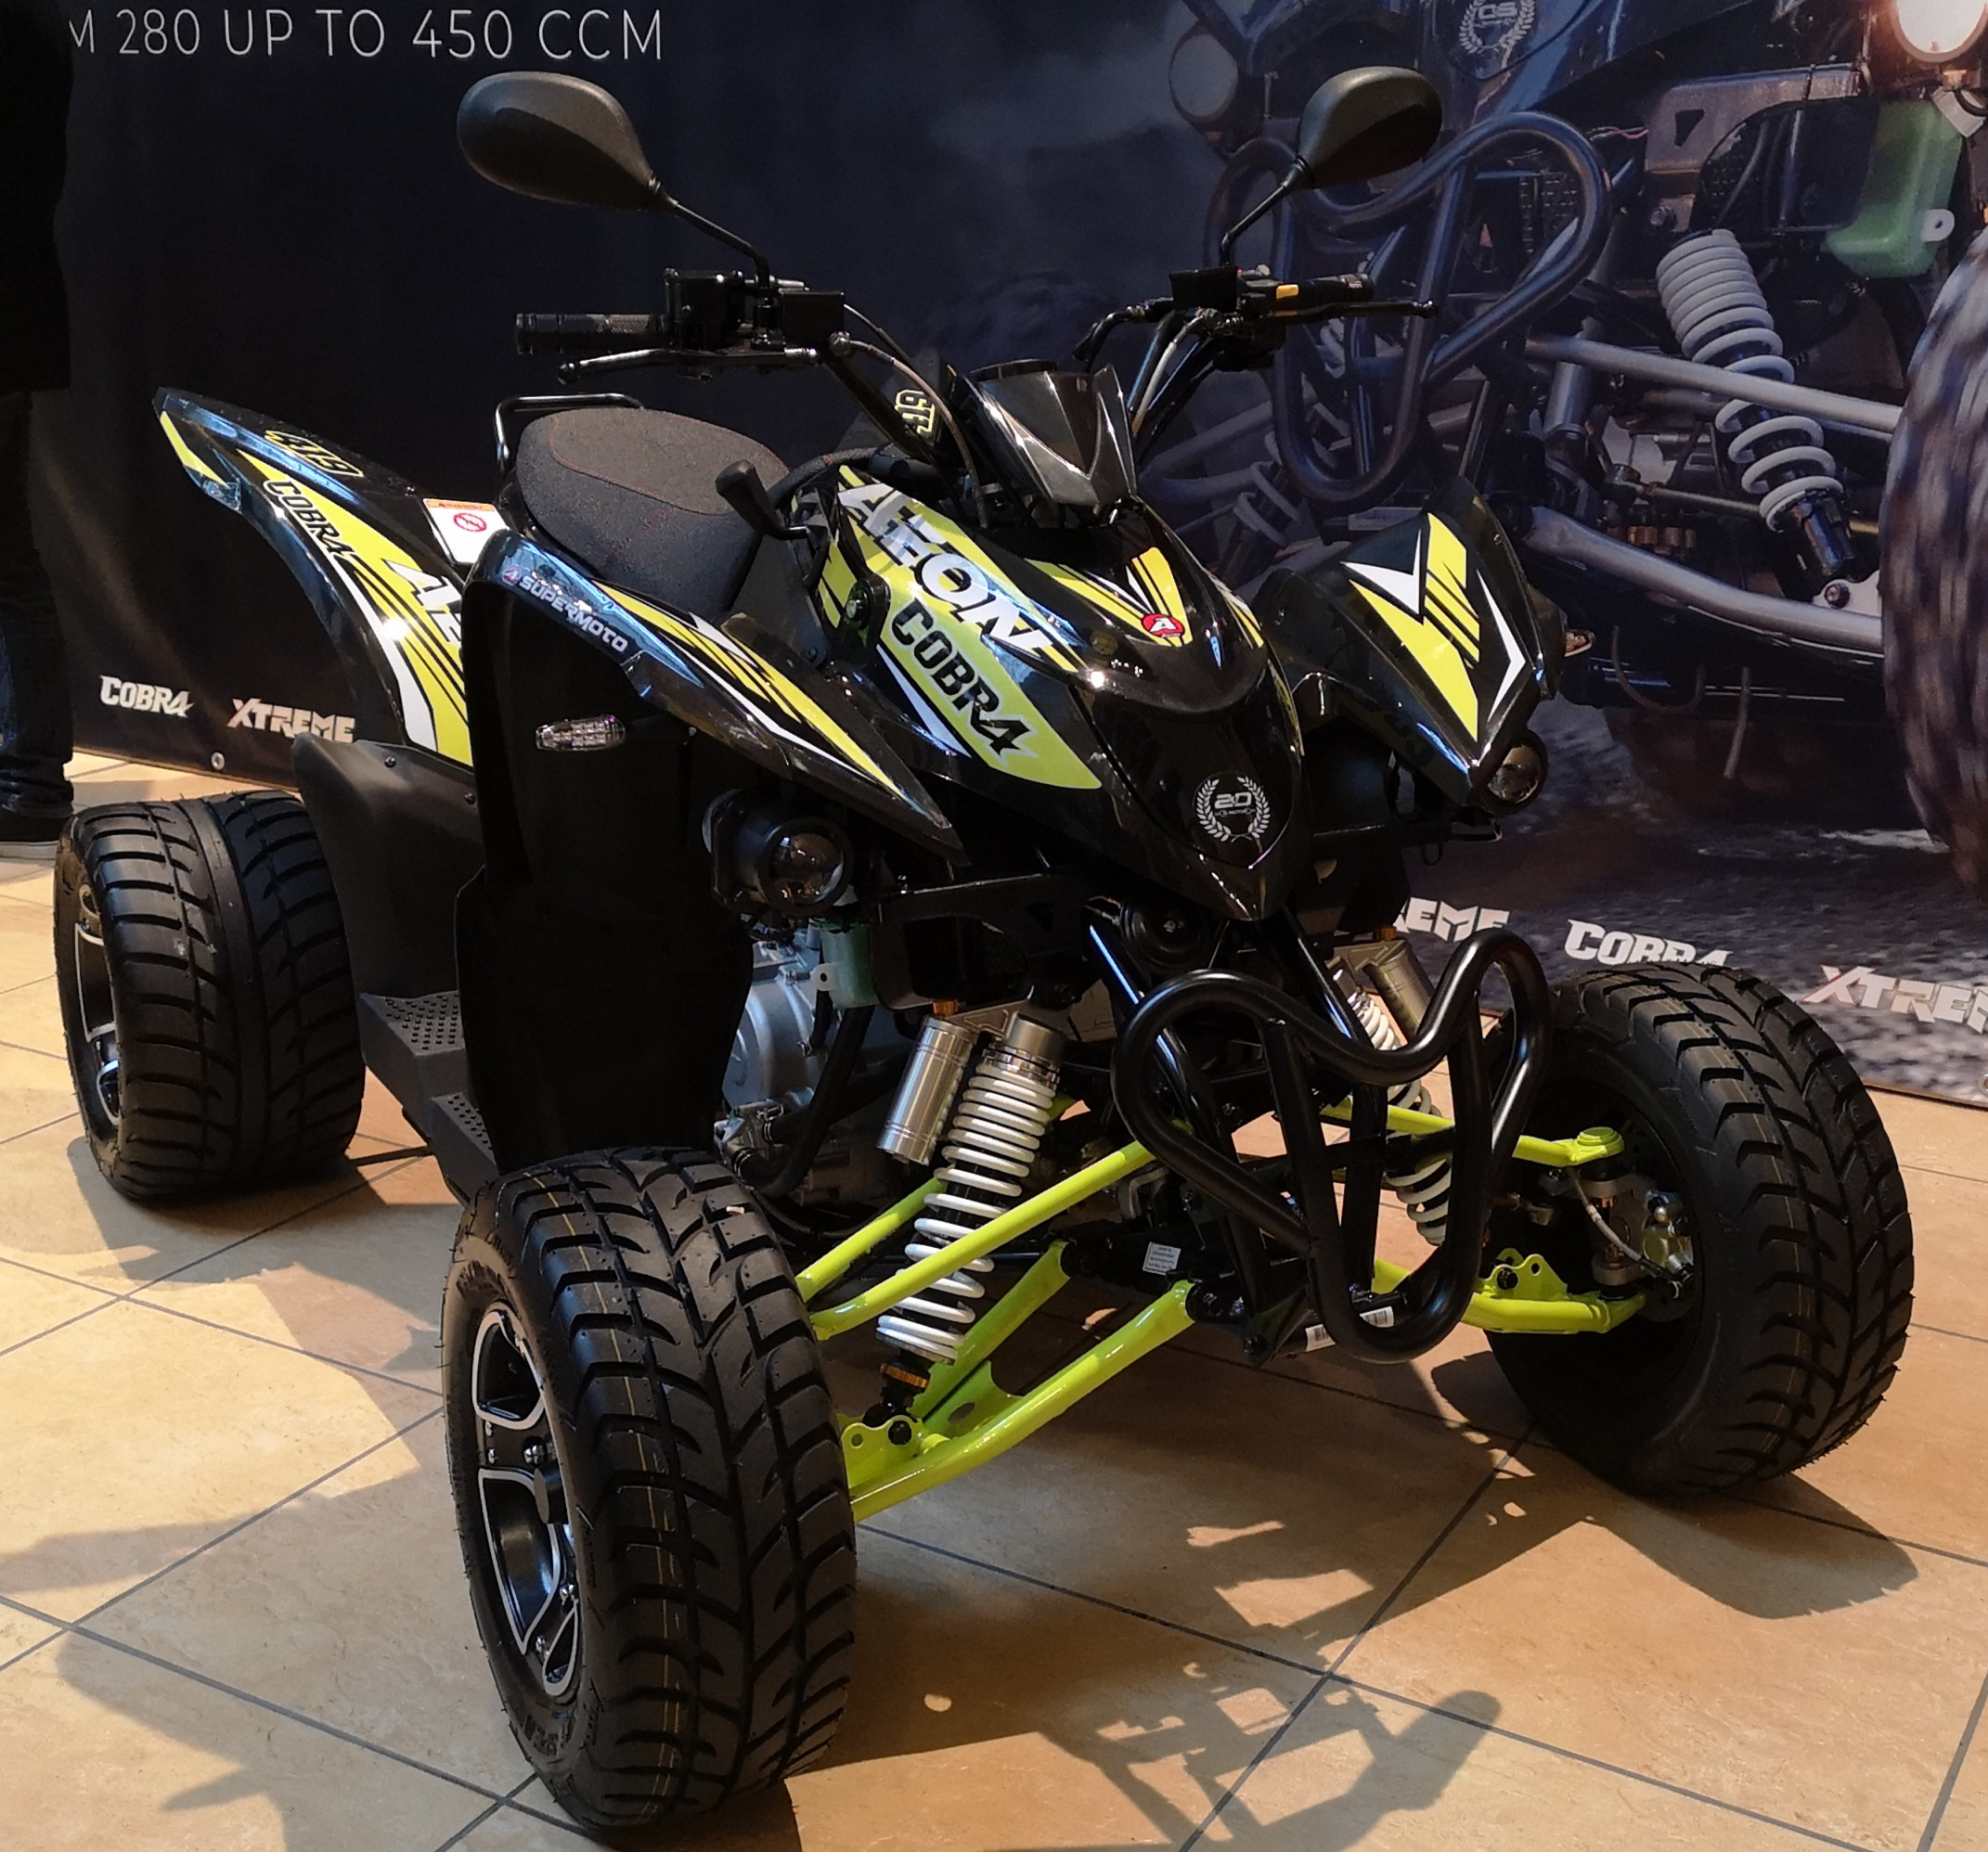 Cobra 420 SM